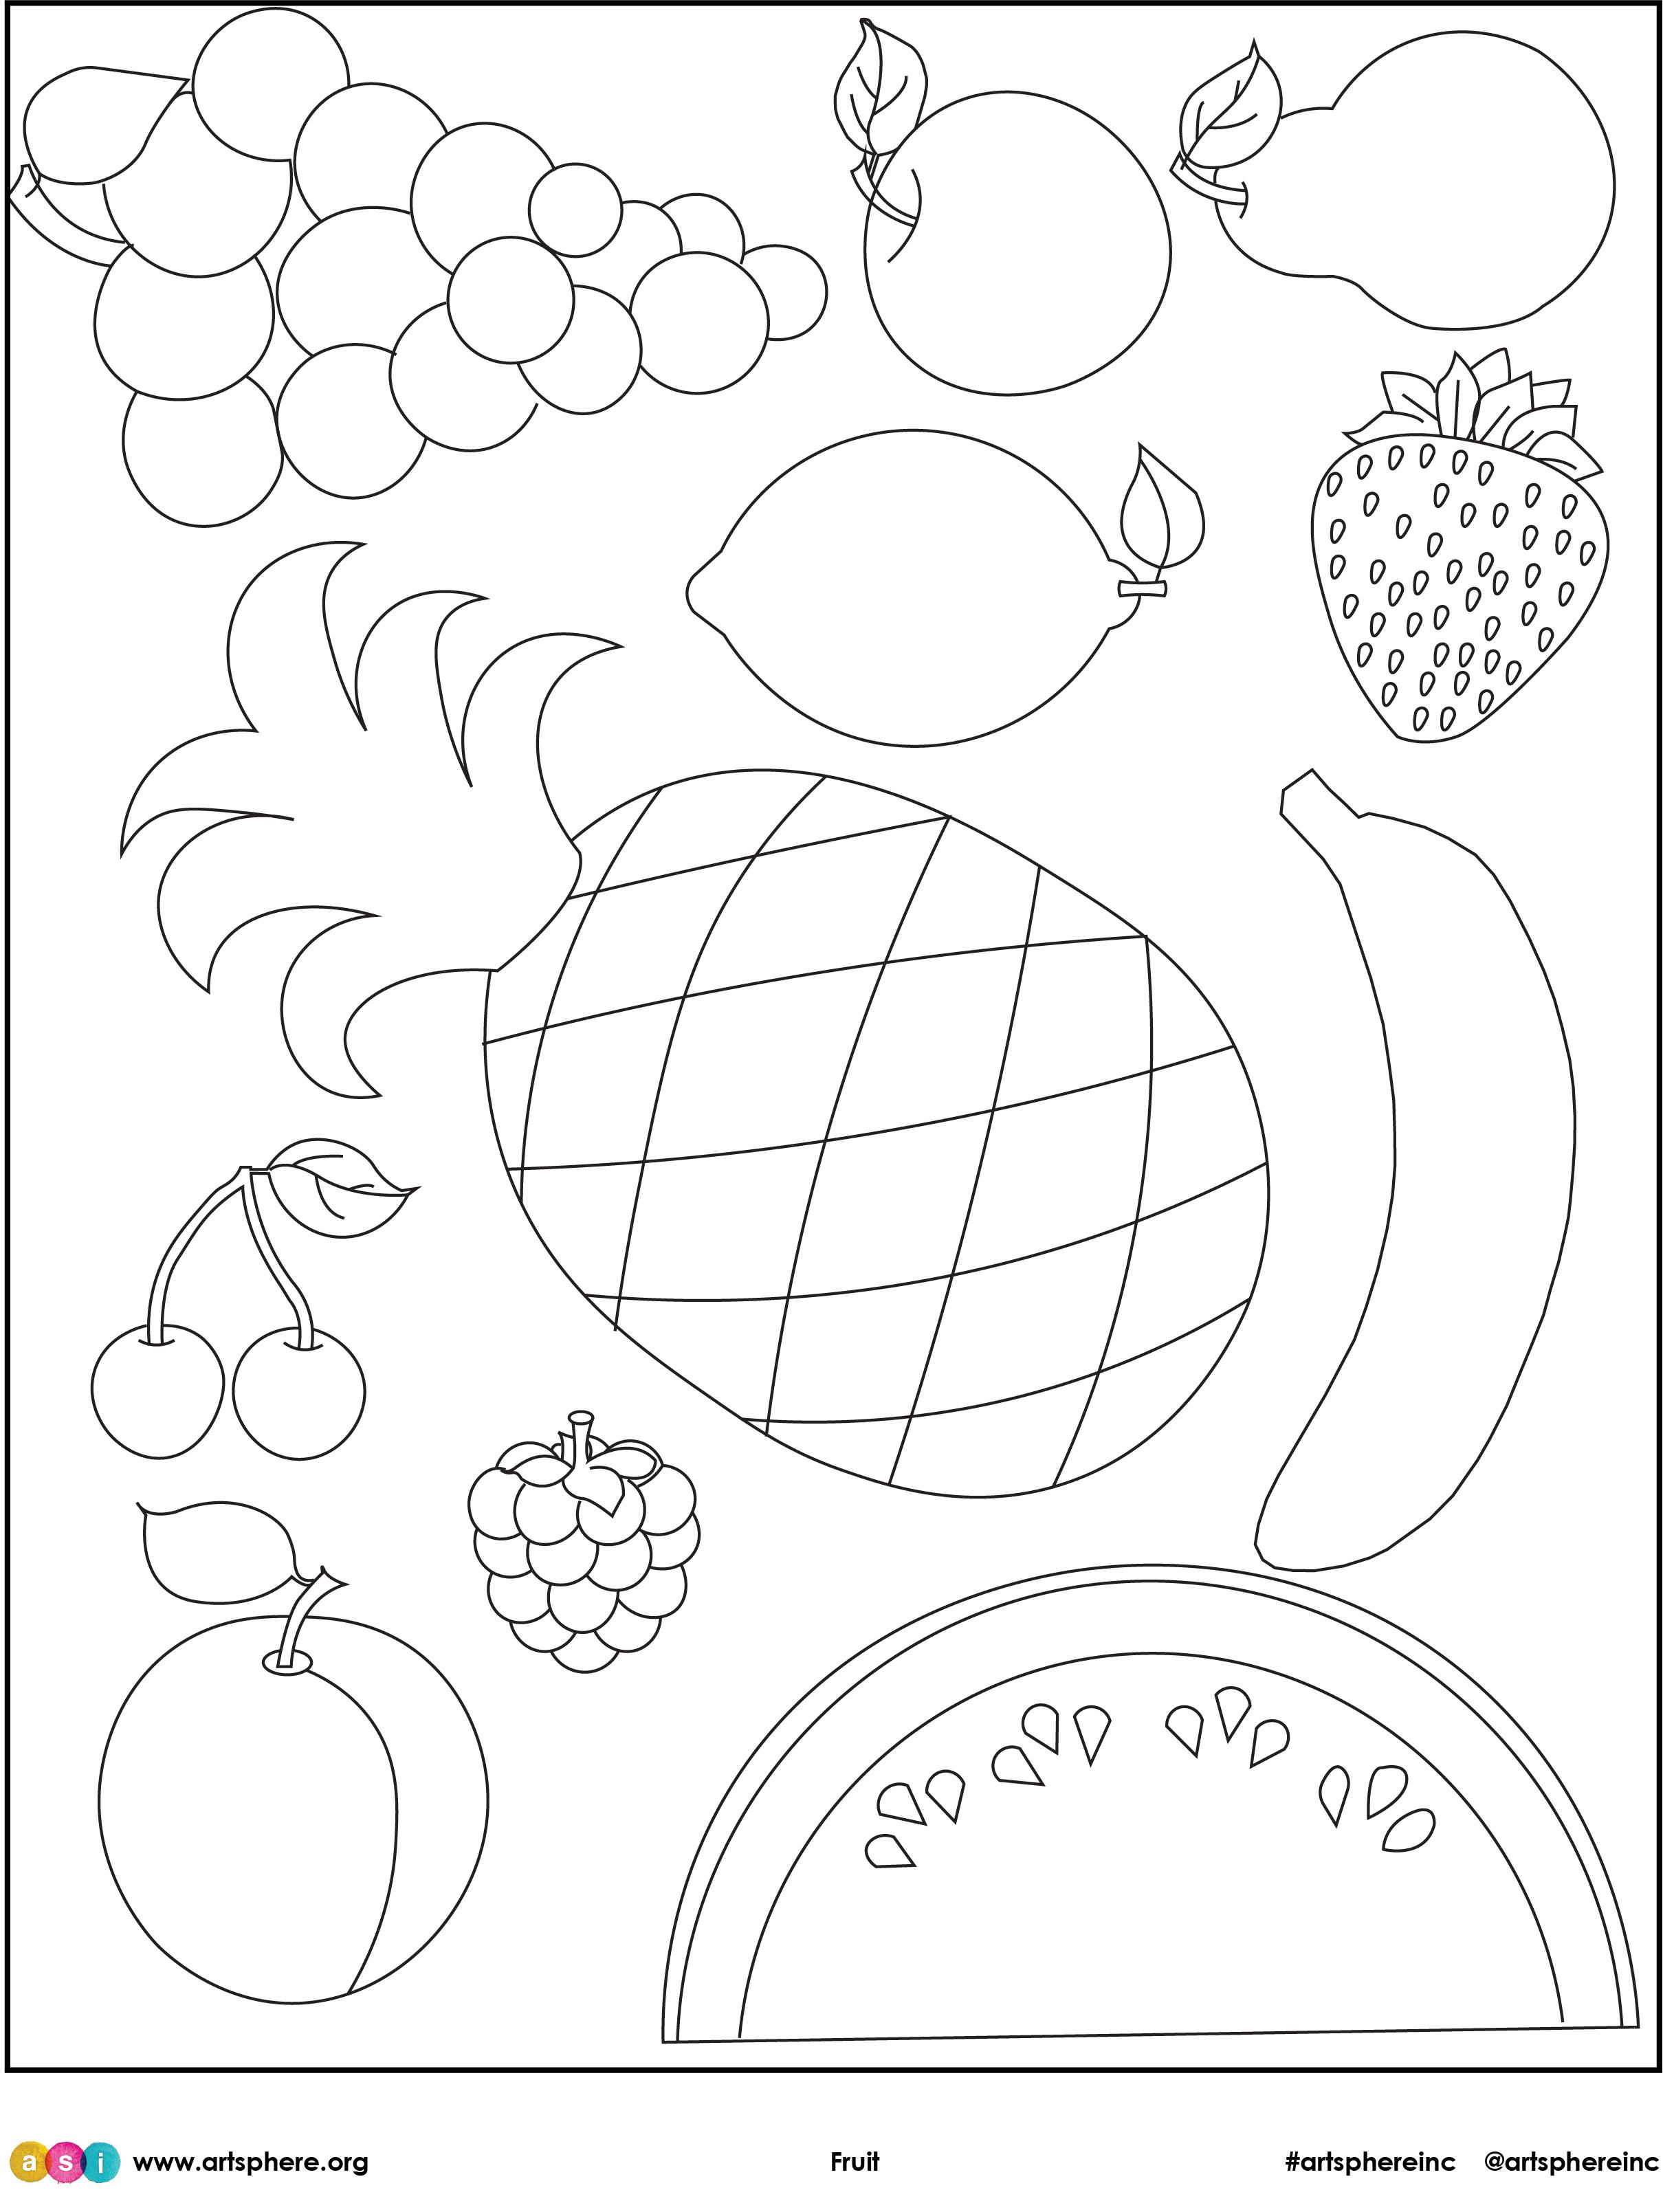 Fruit Handout